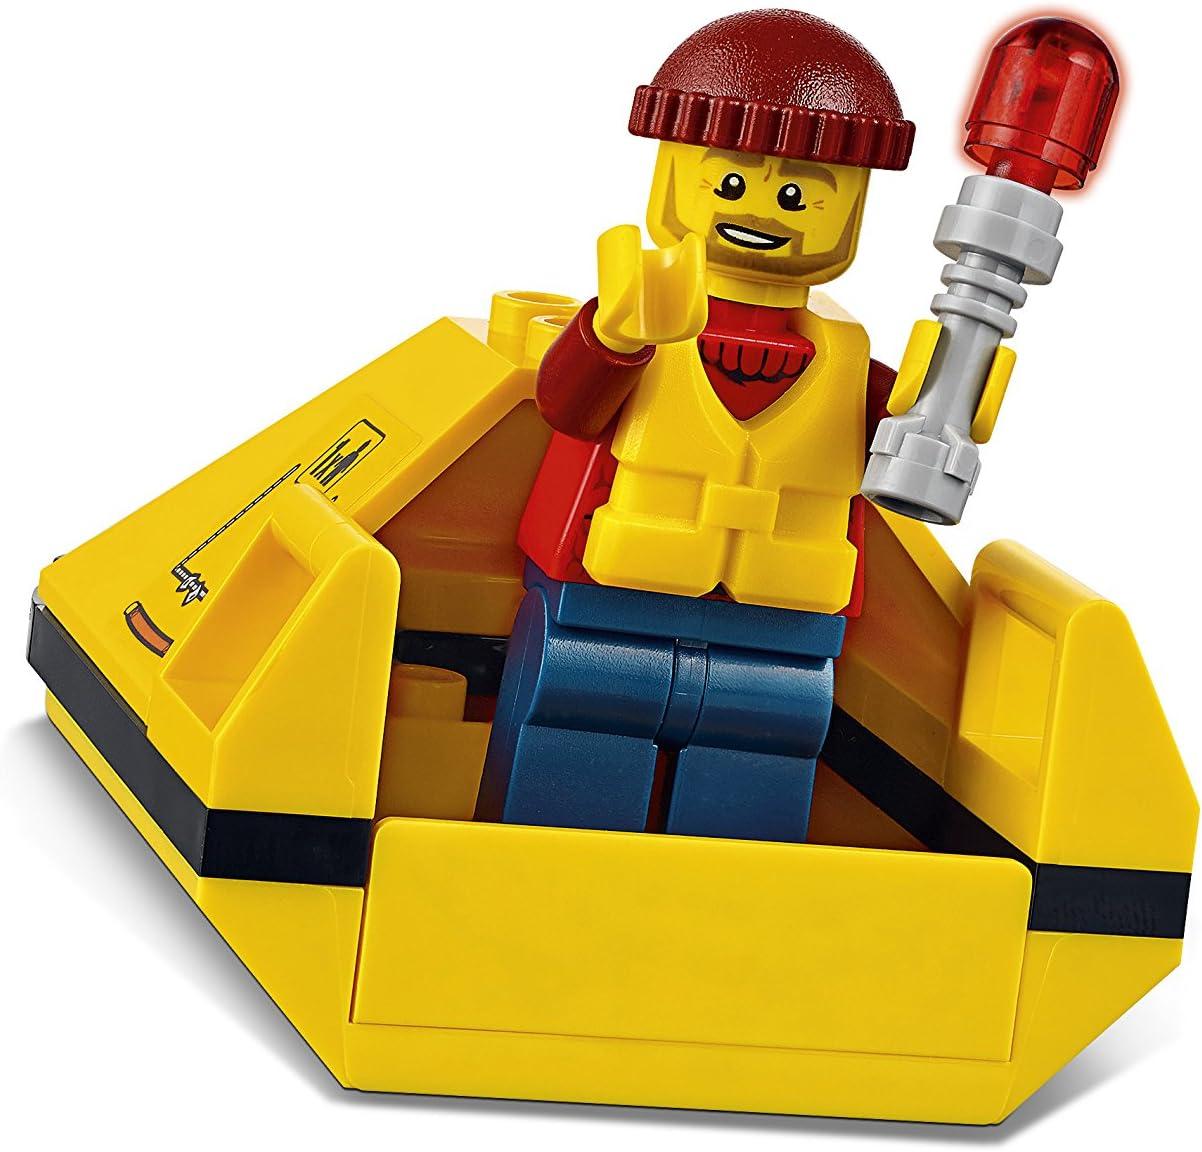 LEGO City Sea Rescue Plane 60164